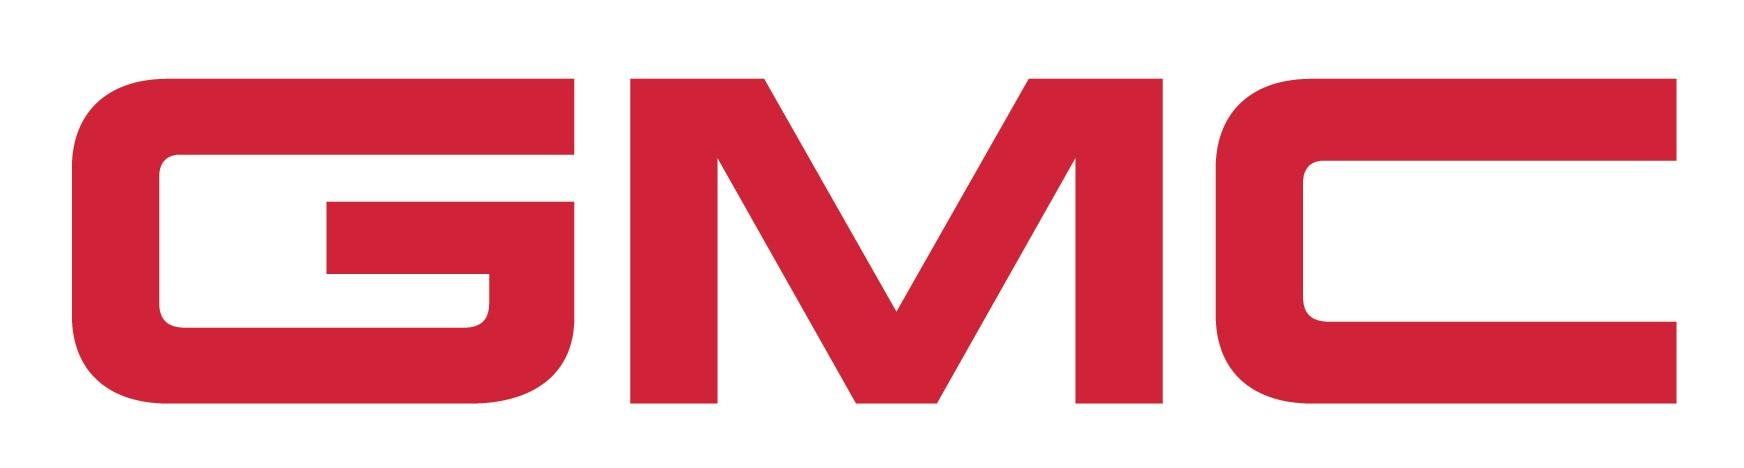 12 Gmc Logo Vector Images Gmc Truck Logo Vector Gmc Logo And Buick Logo Vector